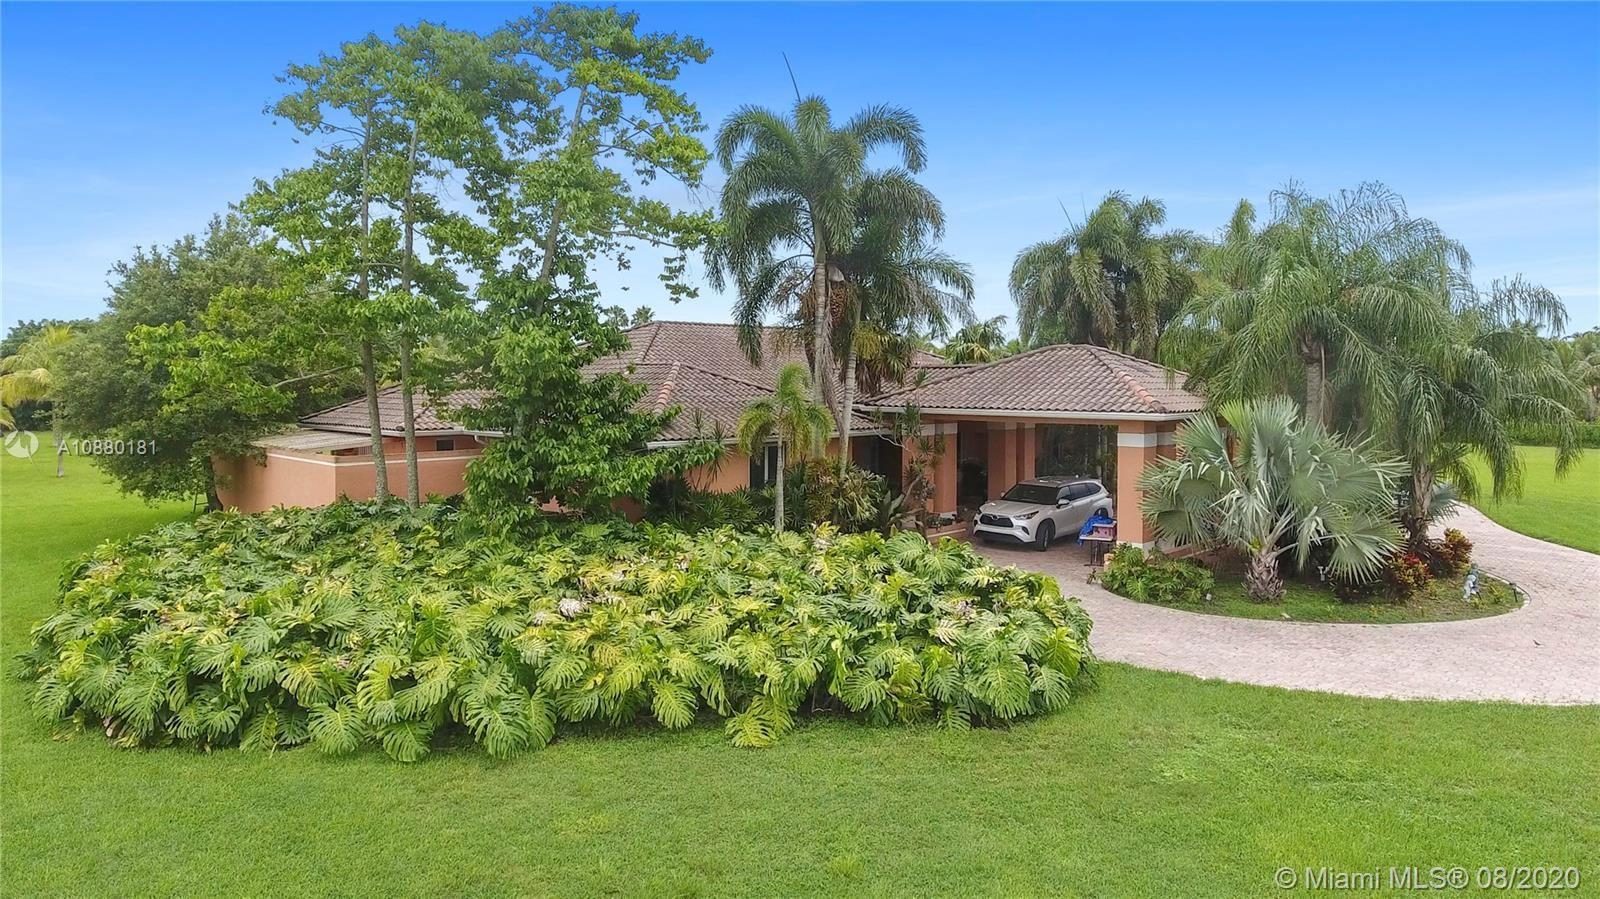 18090 SW 158th St, Miami, FL 33187 - #: A10880181